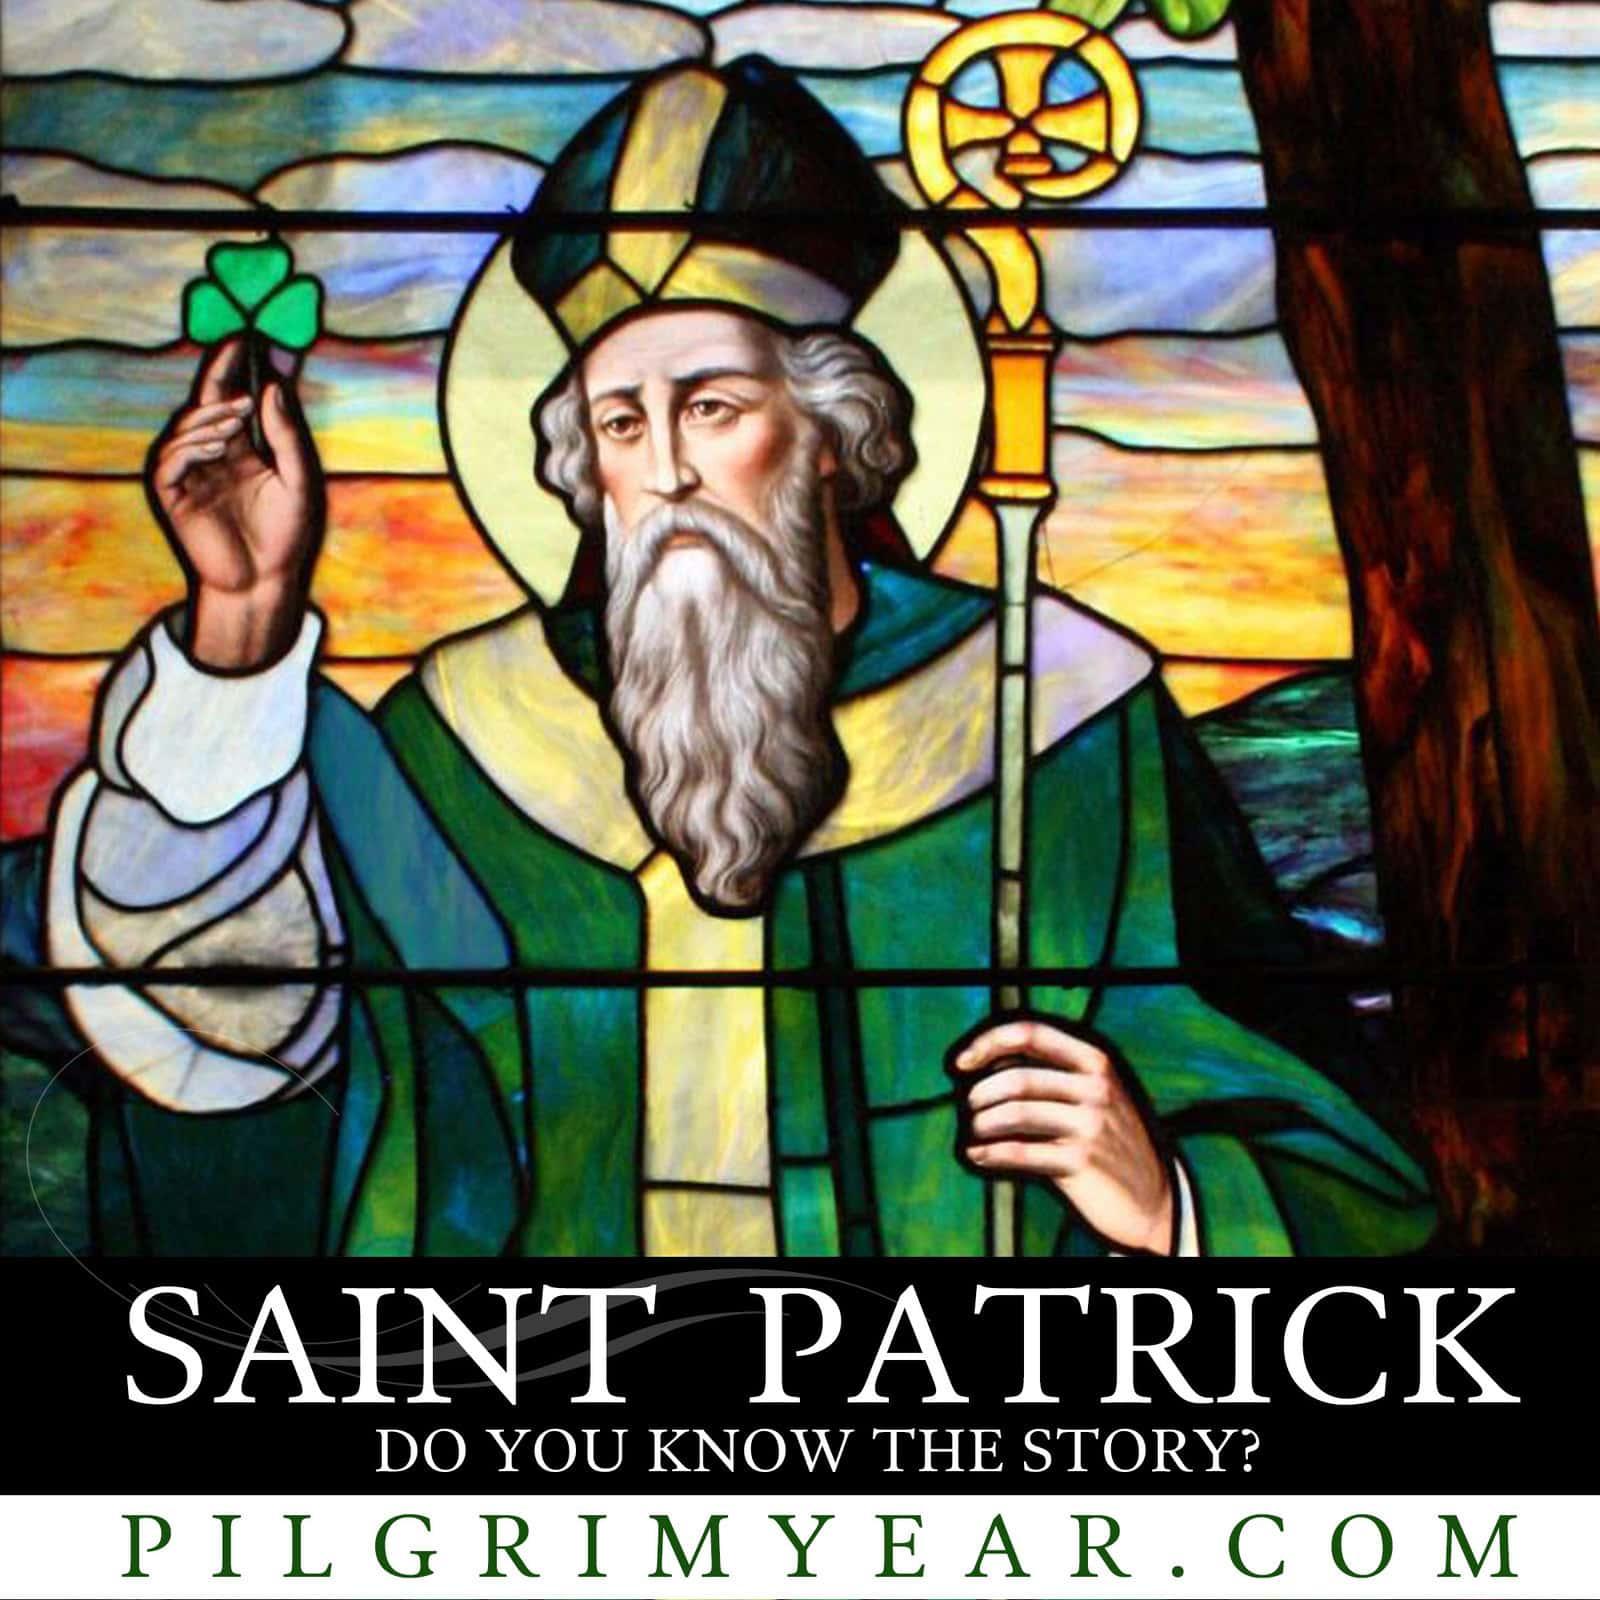 17 mars, Fête de Saint Patrick, patron des Irlandais.